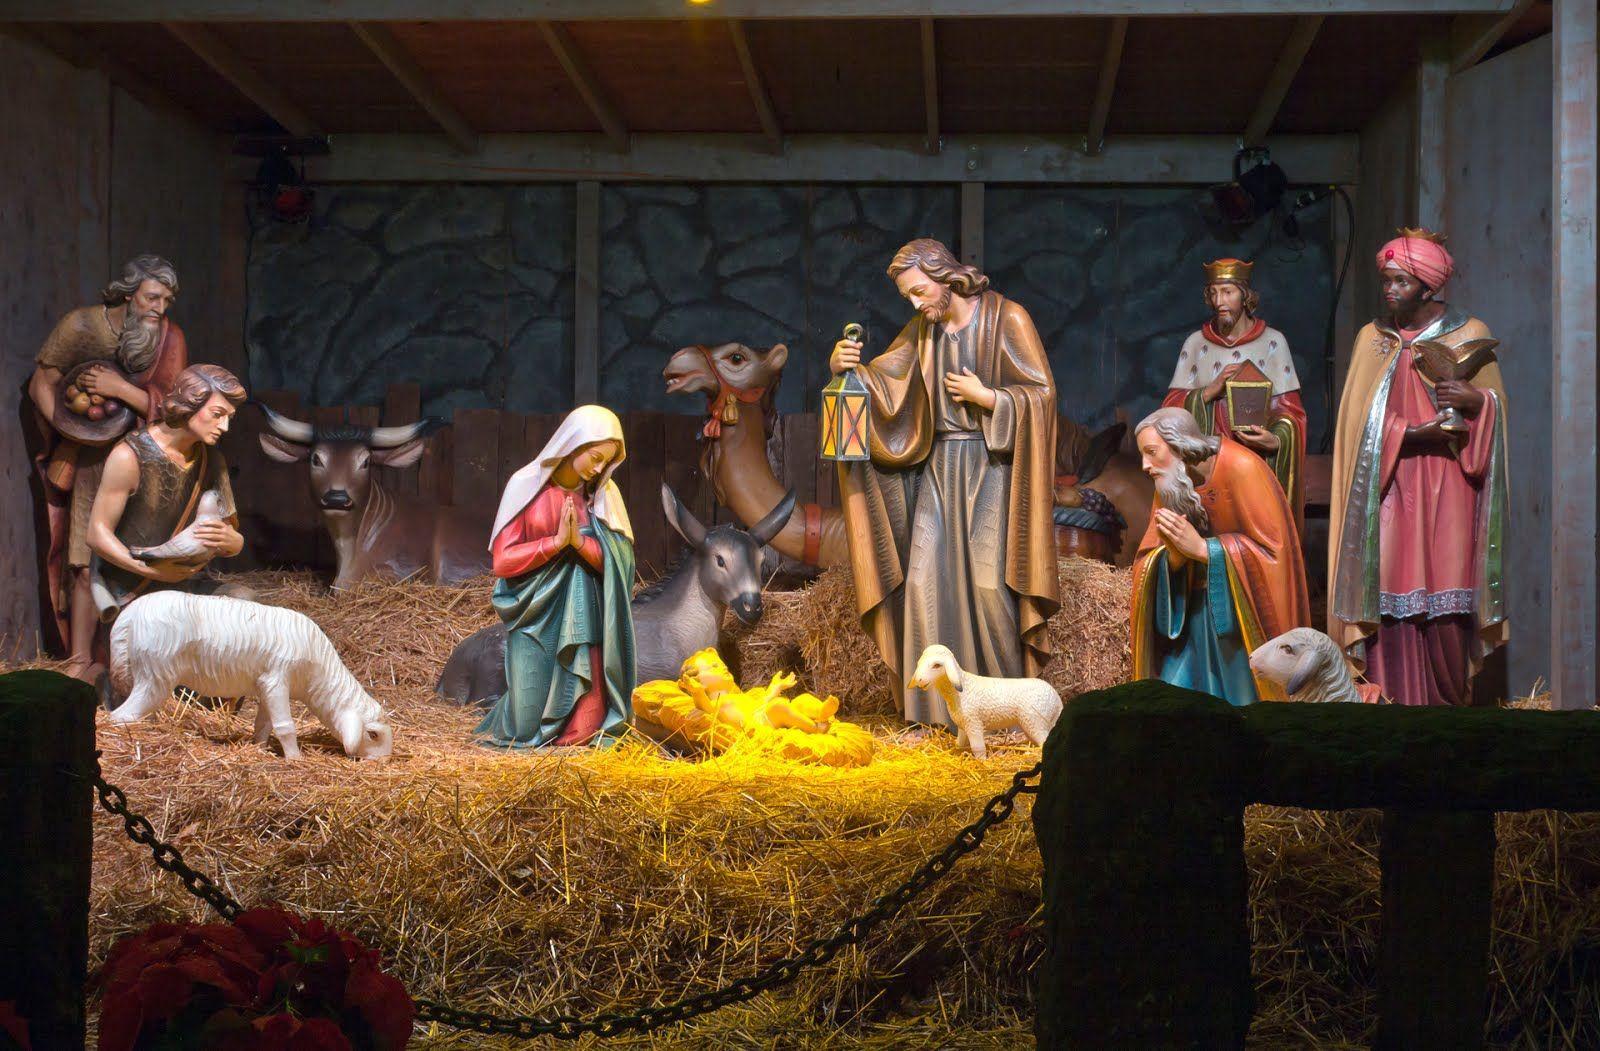 Nacimiento de jes s en el pesebre im genes navide as - Dibujos de nacimientos de navidad ...